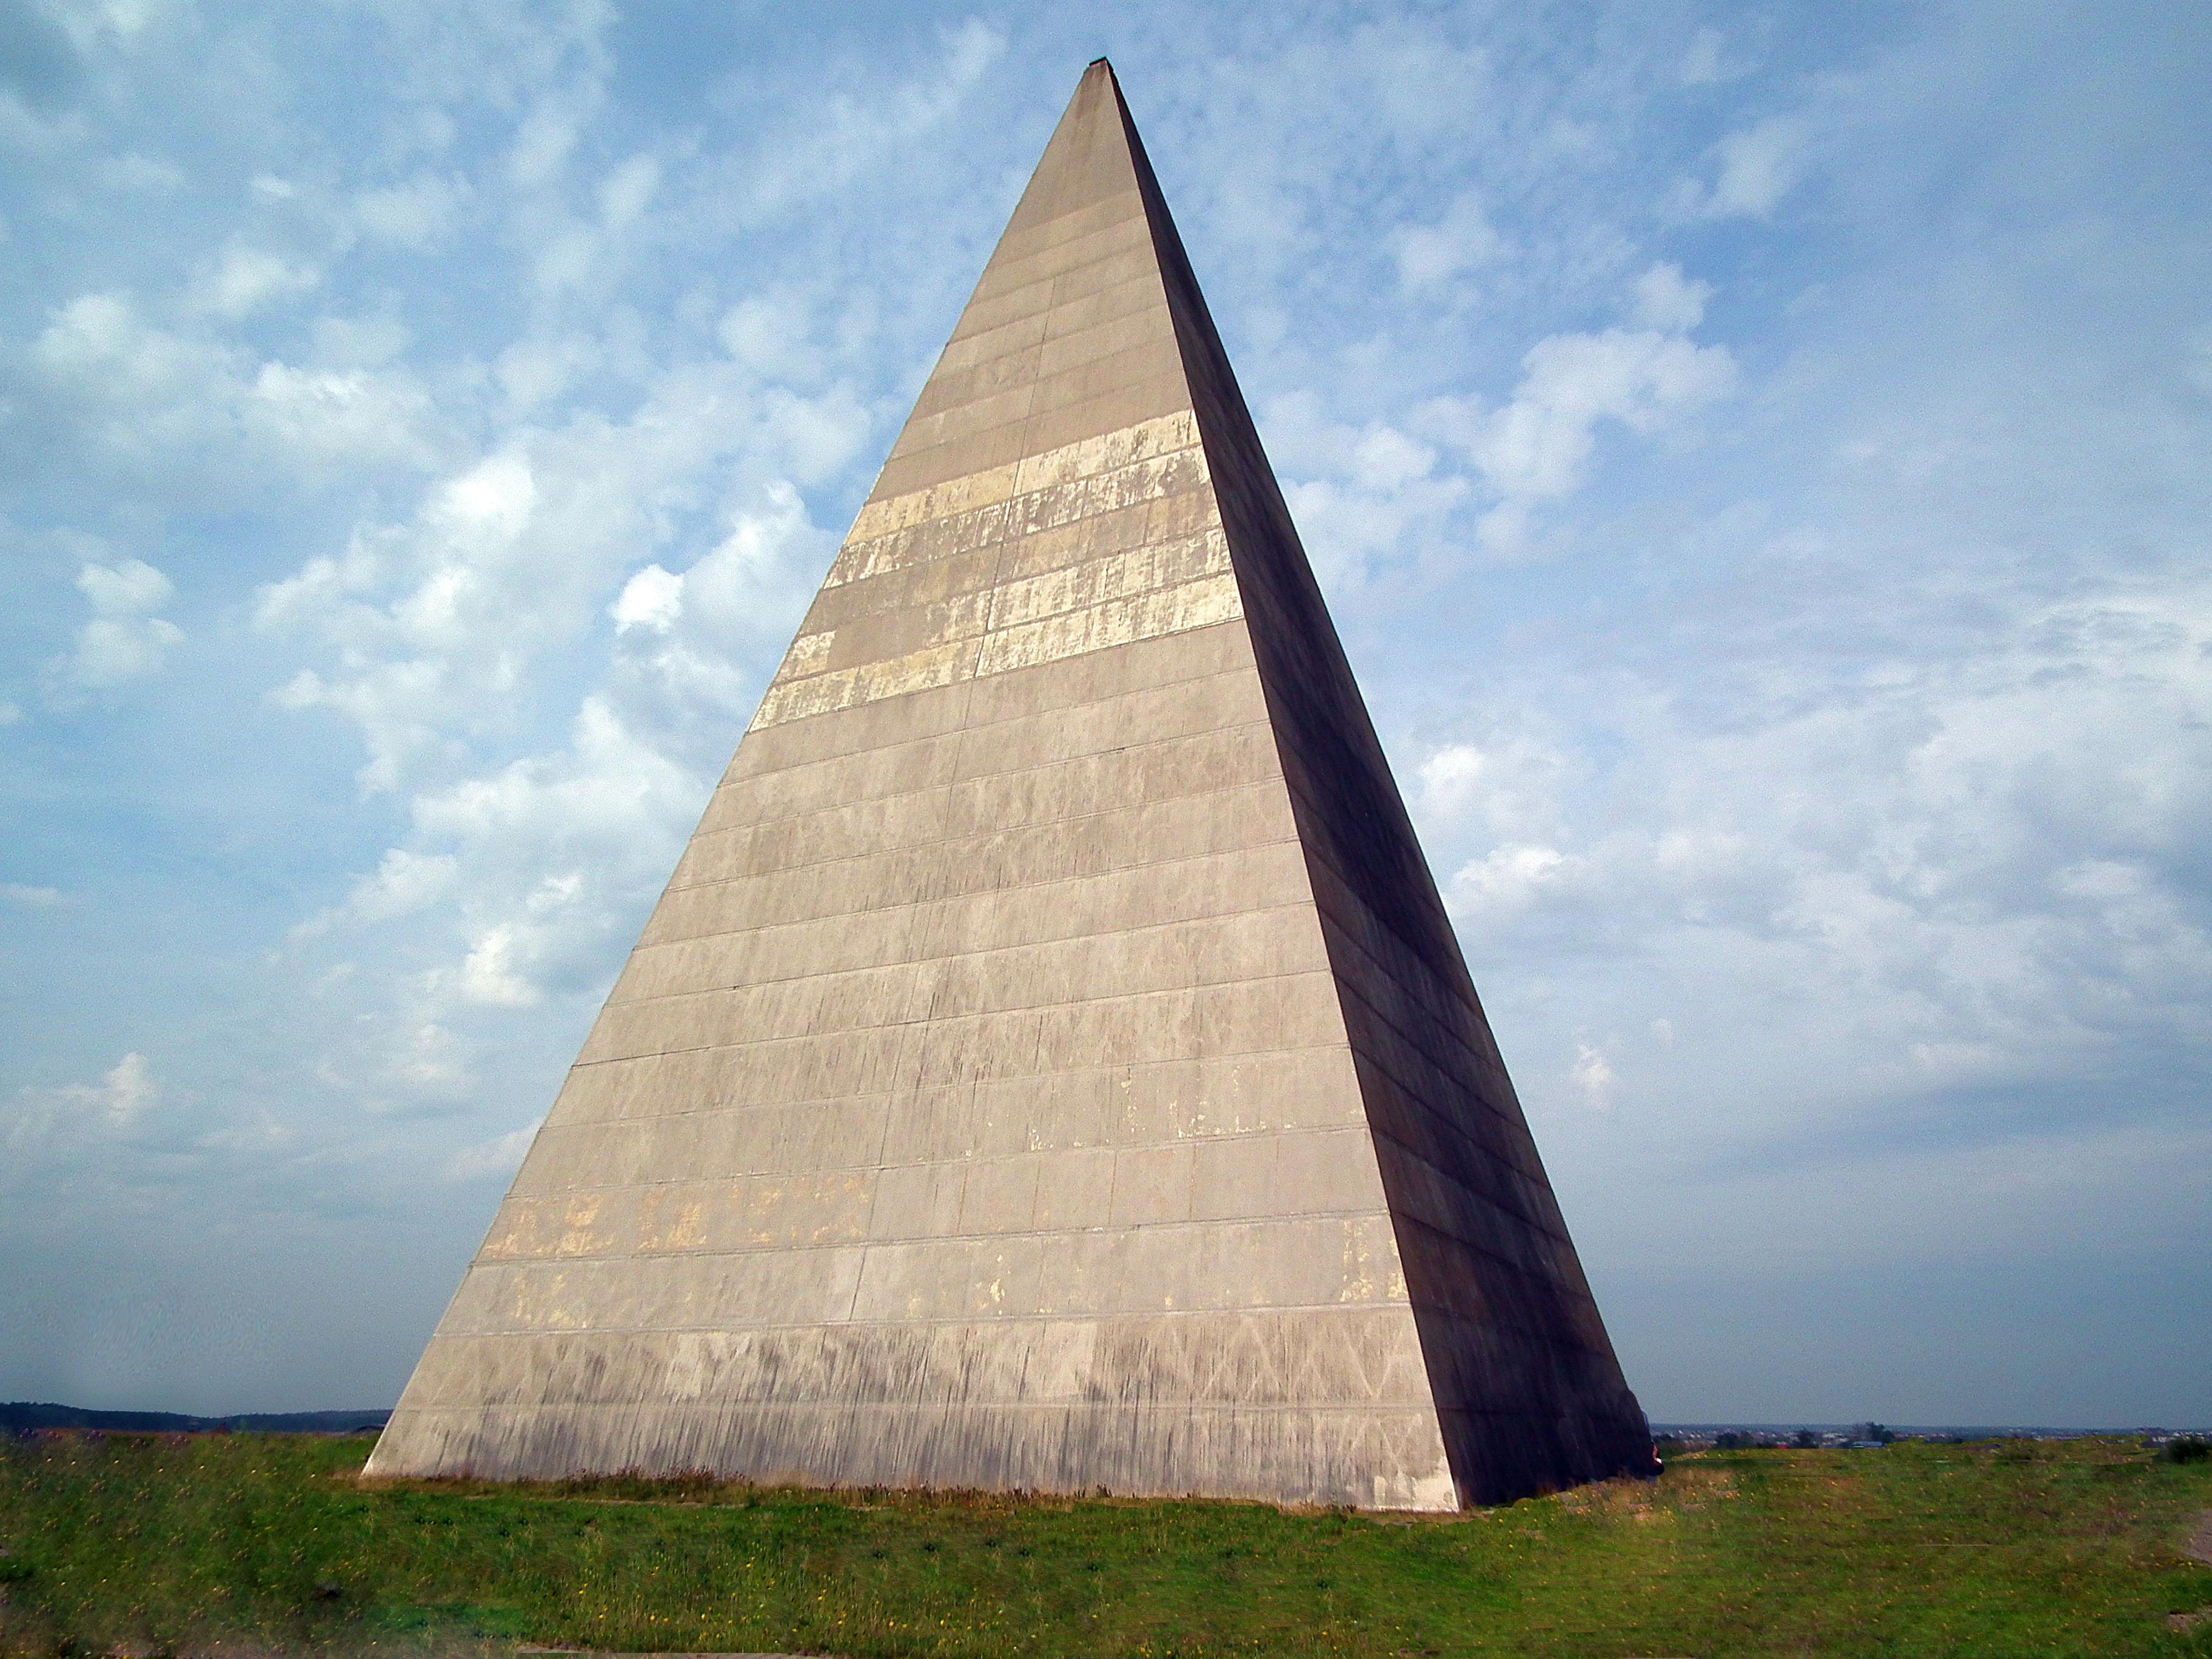 того российские пирамиды фото доступ интернет